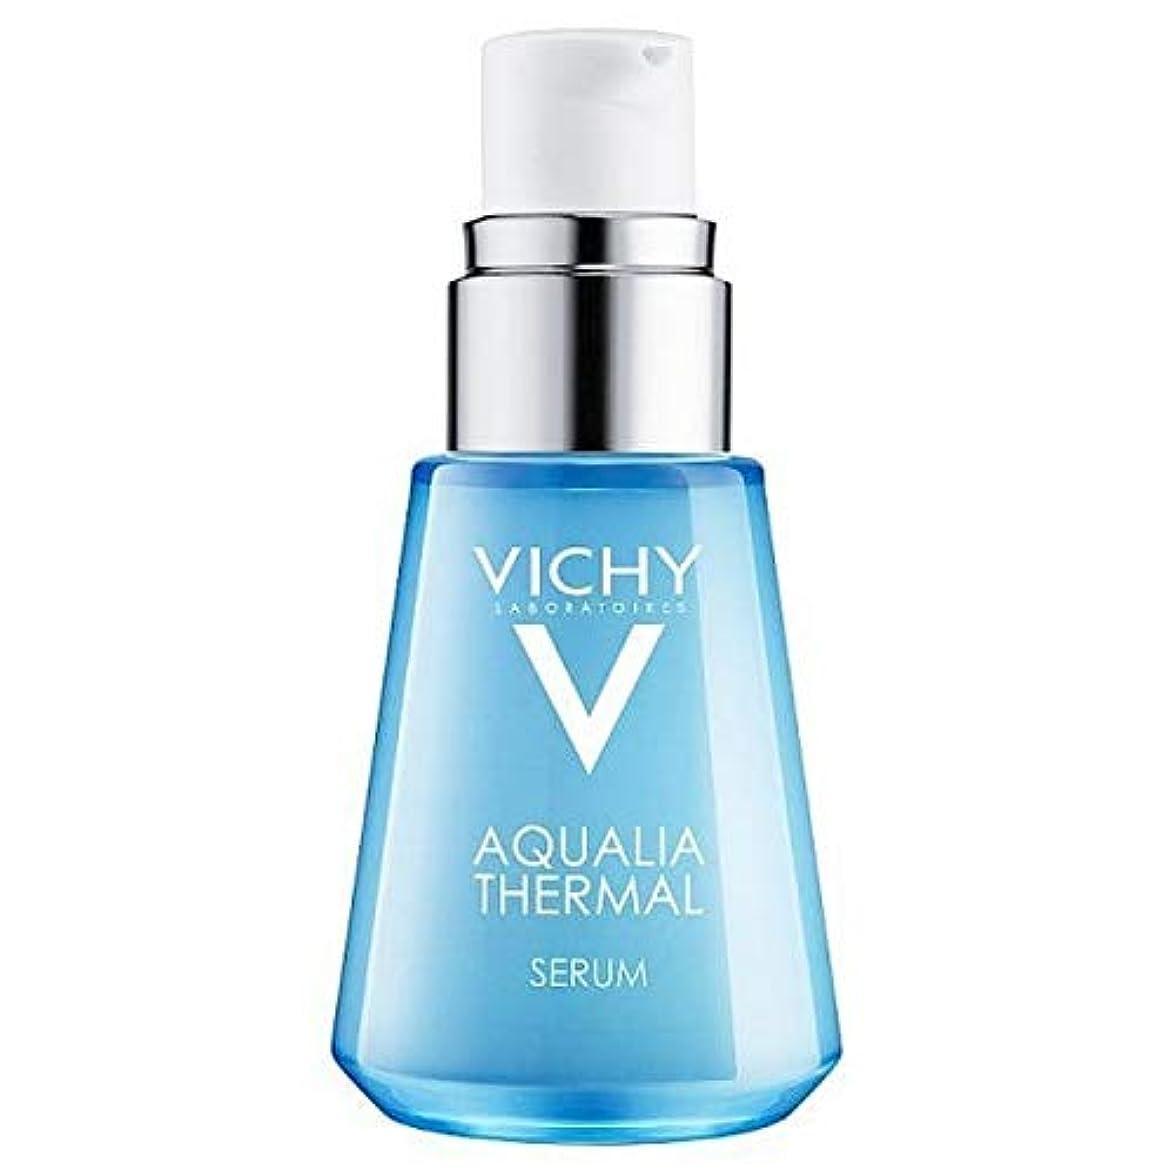 シネマ華氏リラックス[Vichy] 熱血清顔30ミリリットルAqualiaヴィシー - Vichy Aqualia Thermal Serum Face 30ml [並行輸入品]